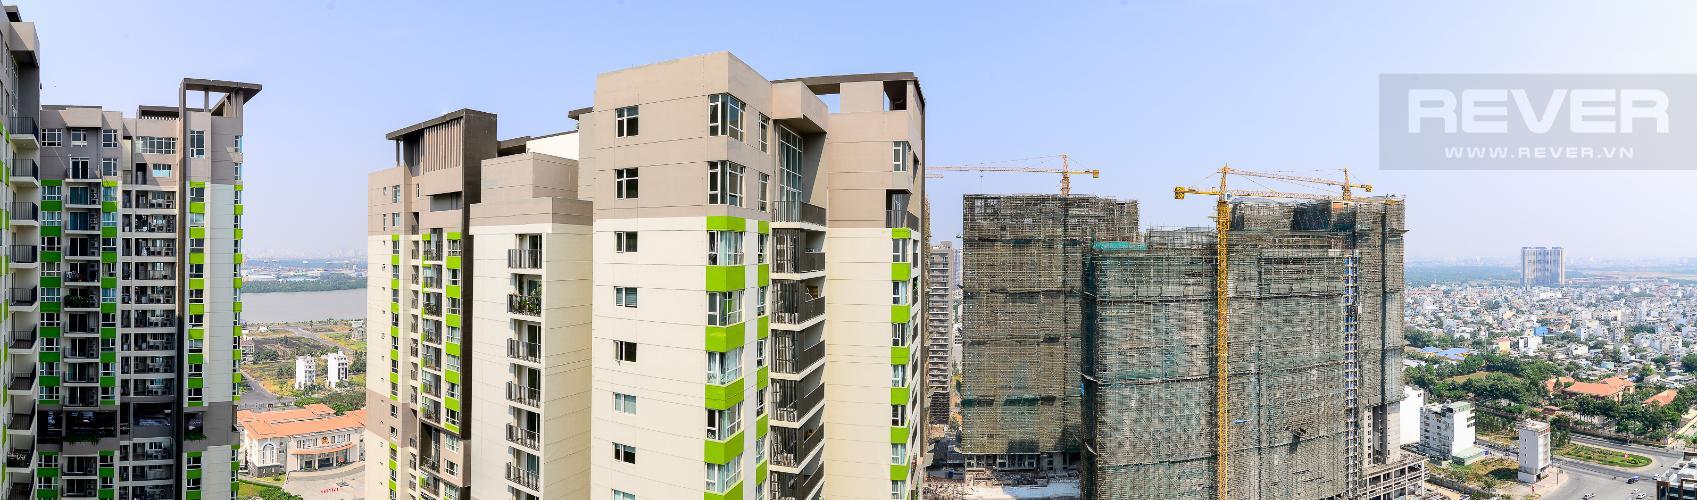 View Bán hoặc cho thuê căn hộ Vista Verde 89.1m2 2PN 2WC, đầy đủ nội thất, view nội khu